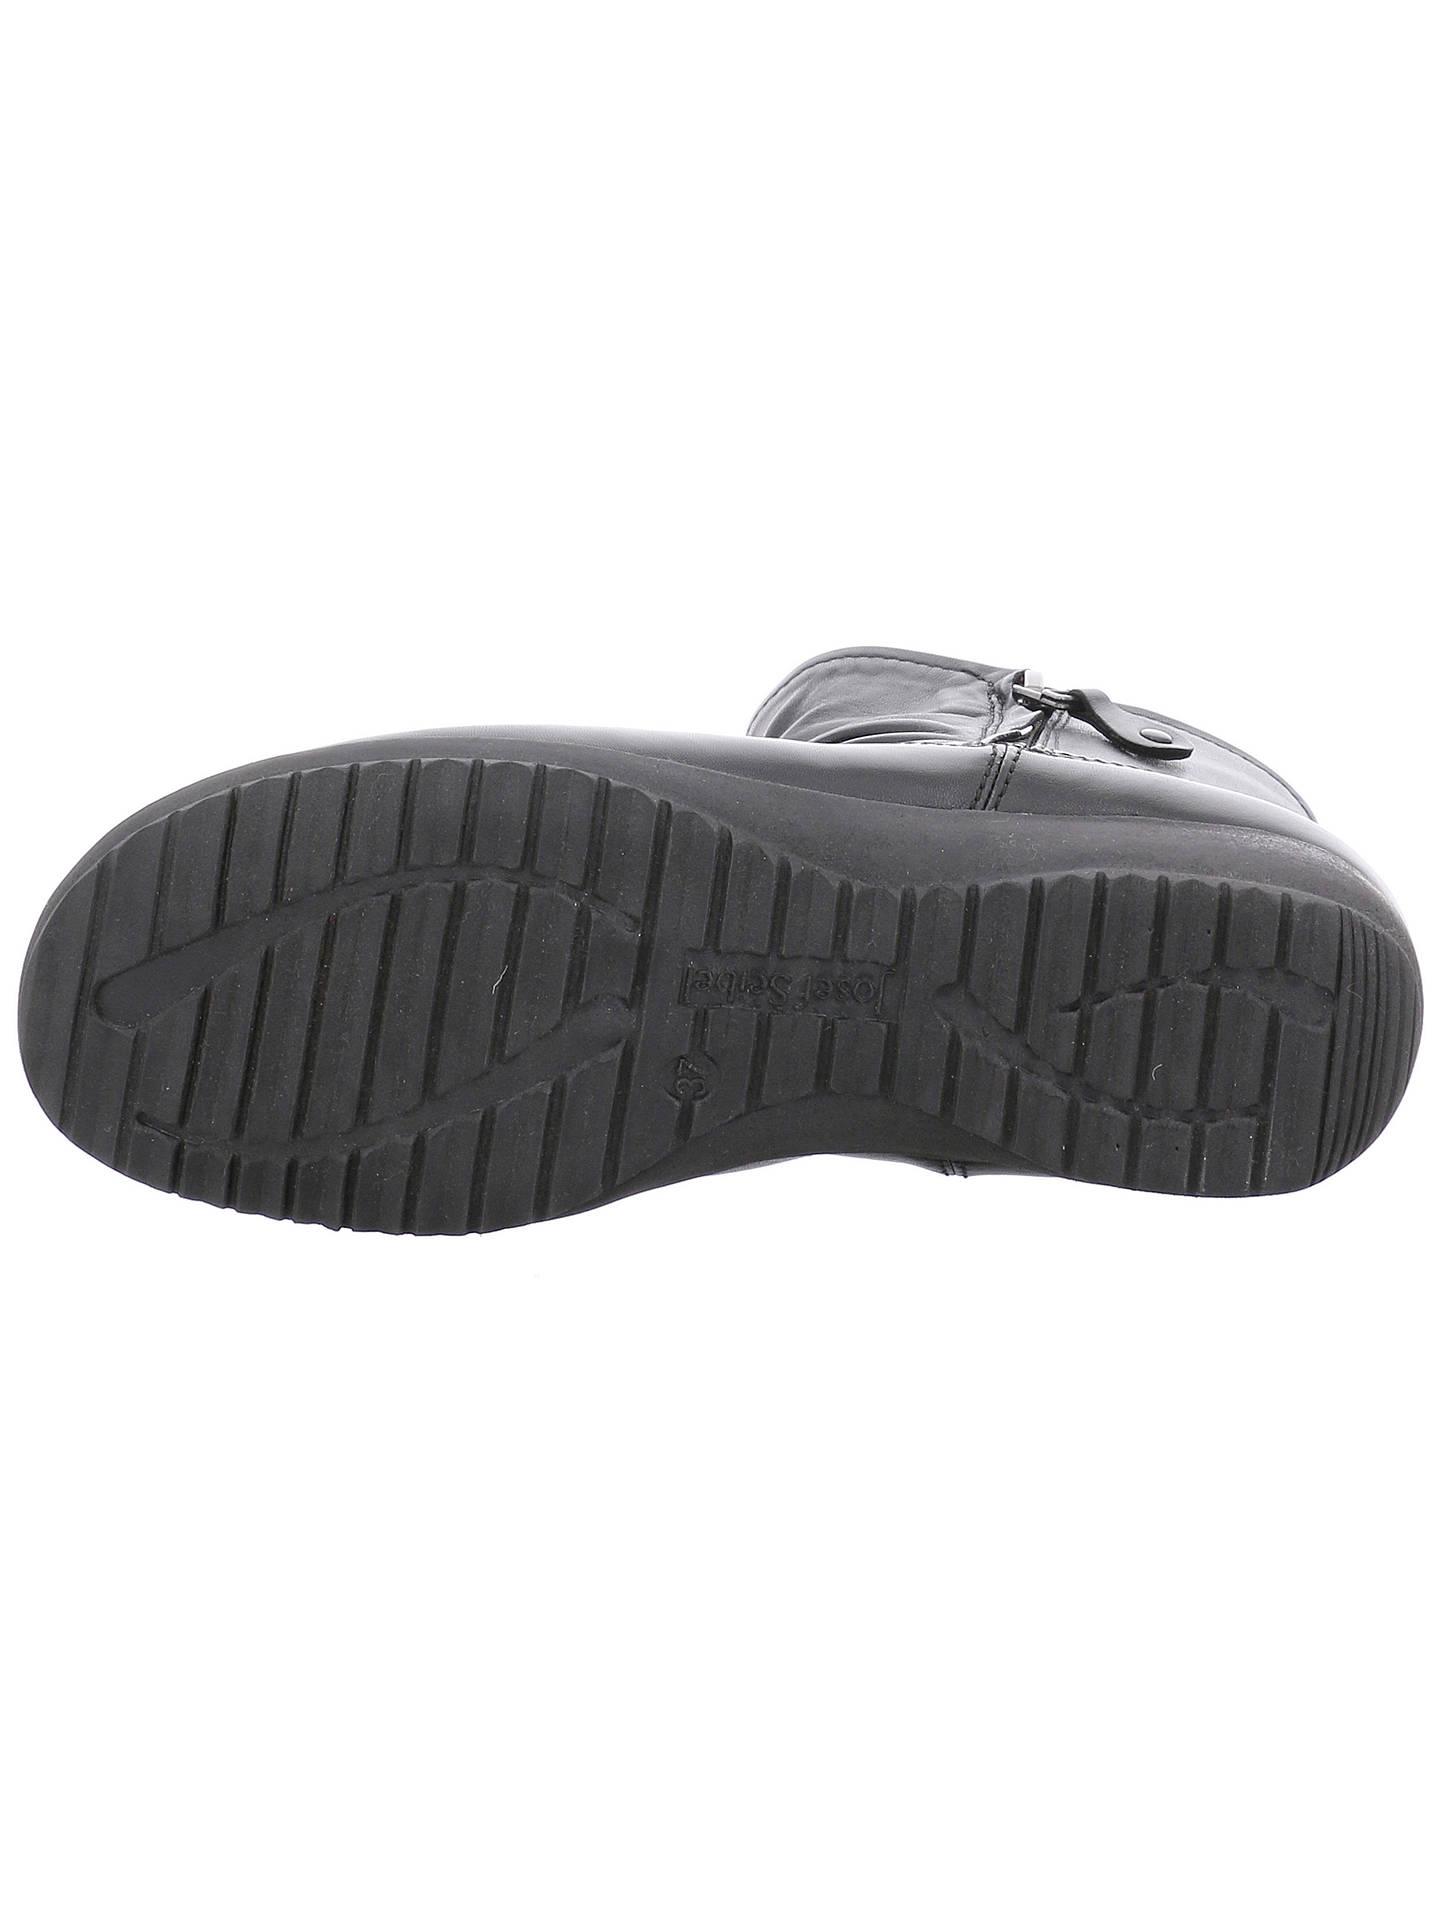 954314095c52 ... Buy Josef Seibel Naly 24 Wedge Heel Ankle Boots